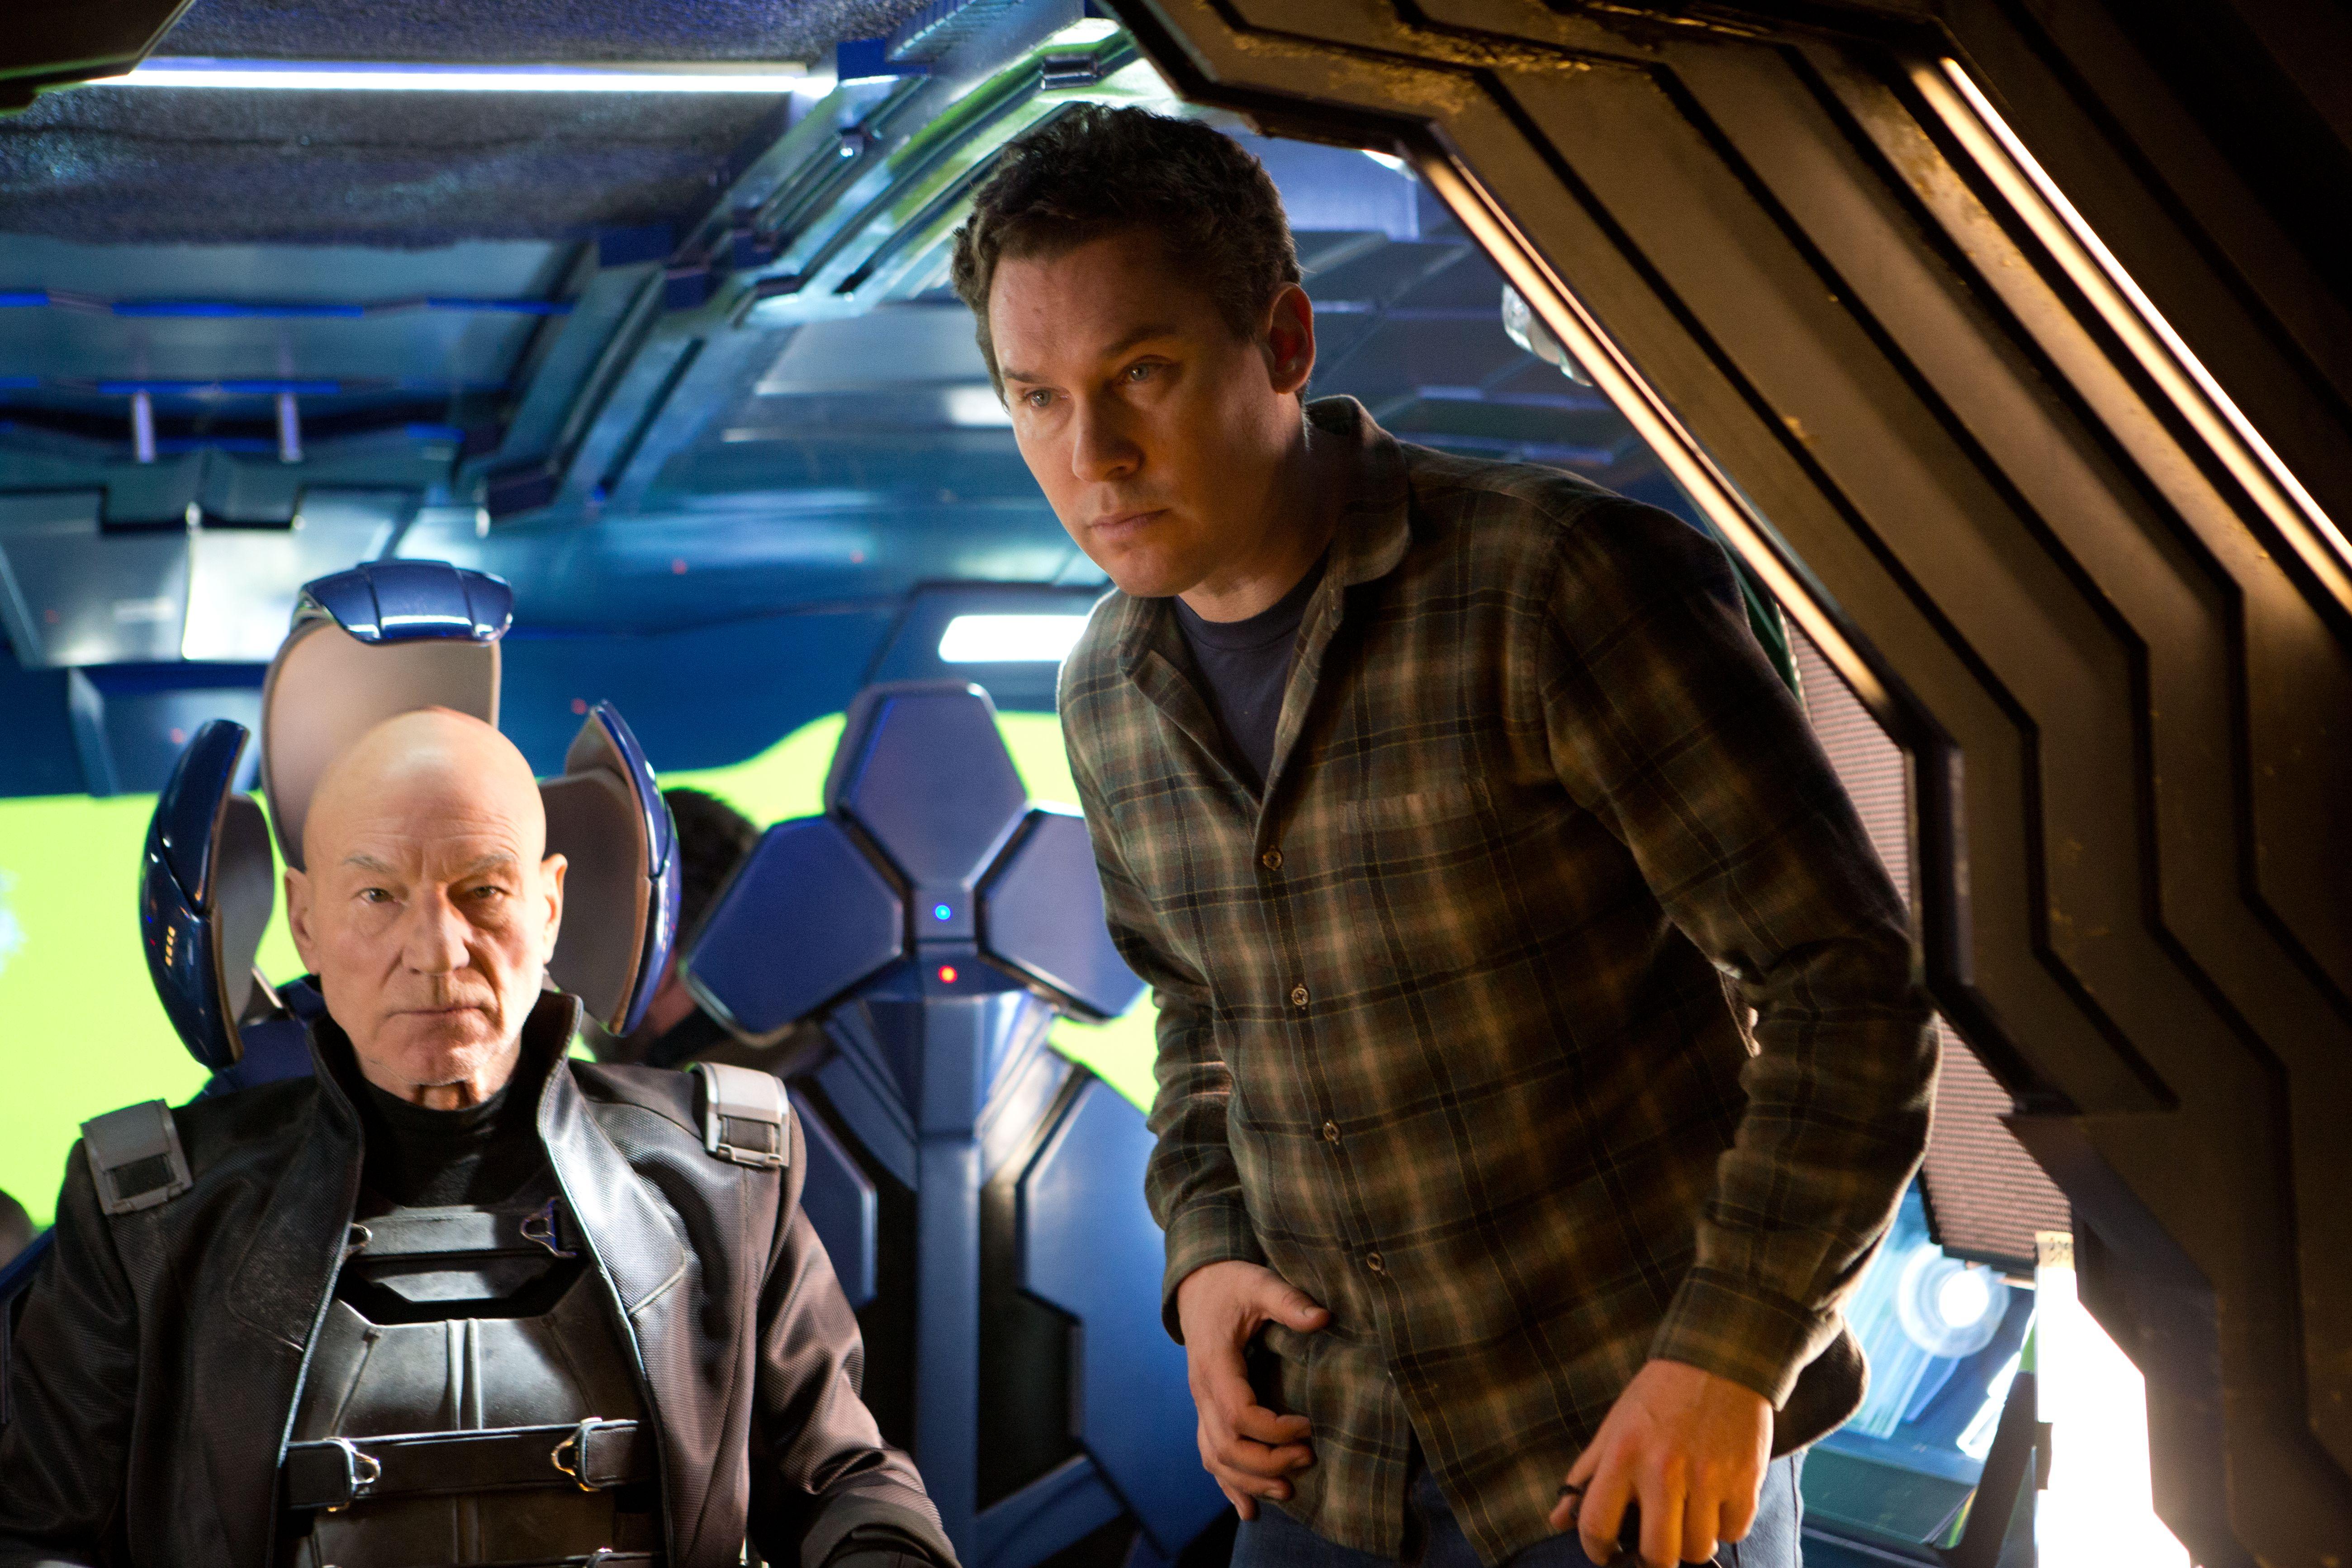 со съемок Люди Икс: Дни минувшего будущего Патрик Стюарт, Брайан Сингер,